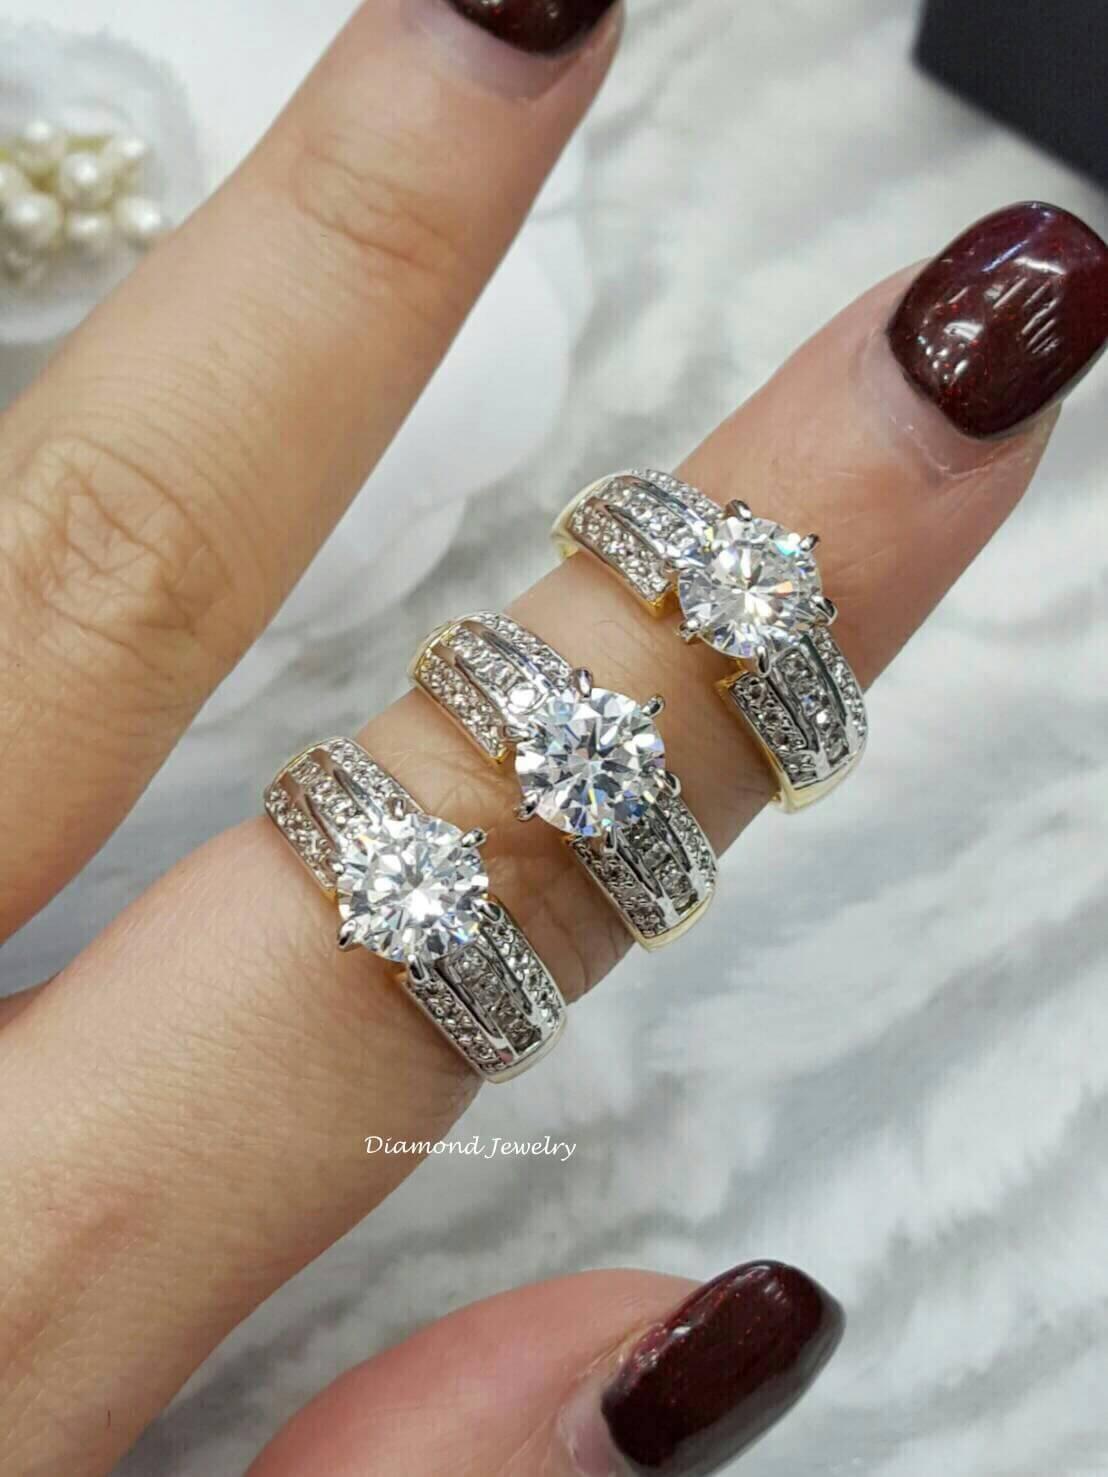 แหวนเพชรเหมือนแท้ เพชรชู เพชรคัดเพชรน้ำงามมากก